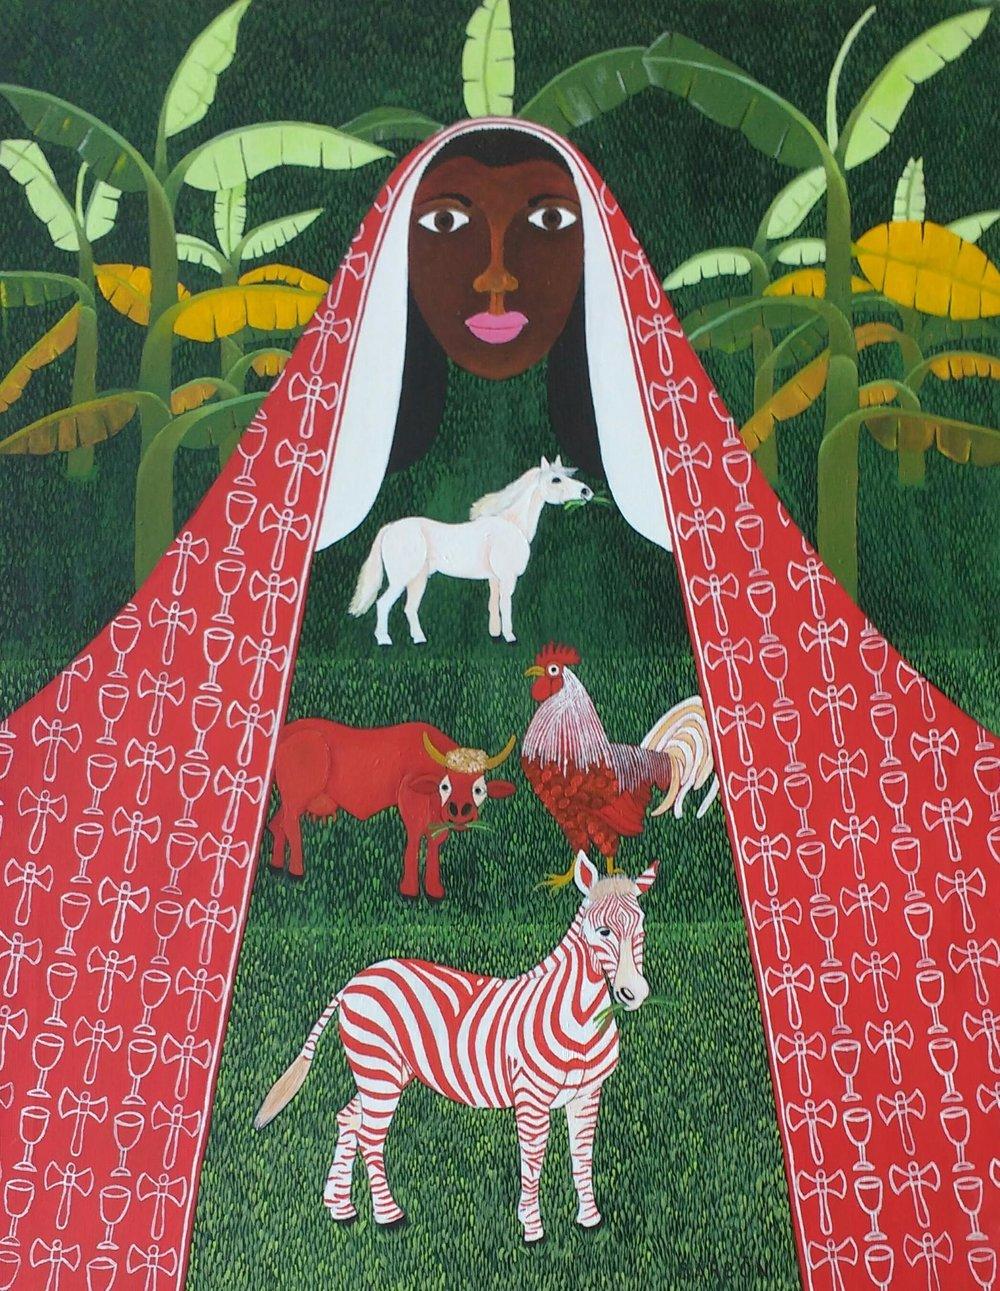 Julio Barbon-El rojo y el blanco-Acrylic on Canvas-35.5 x 27.5 inches.jpg